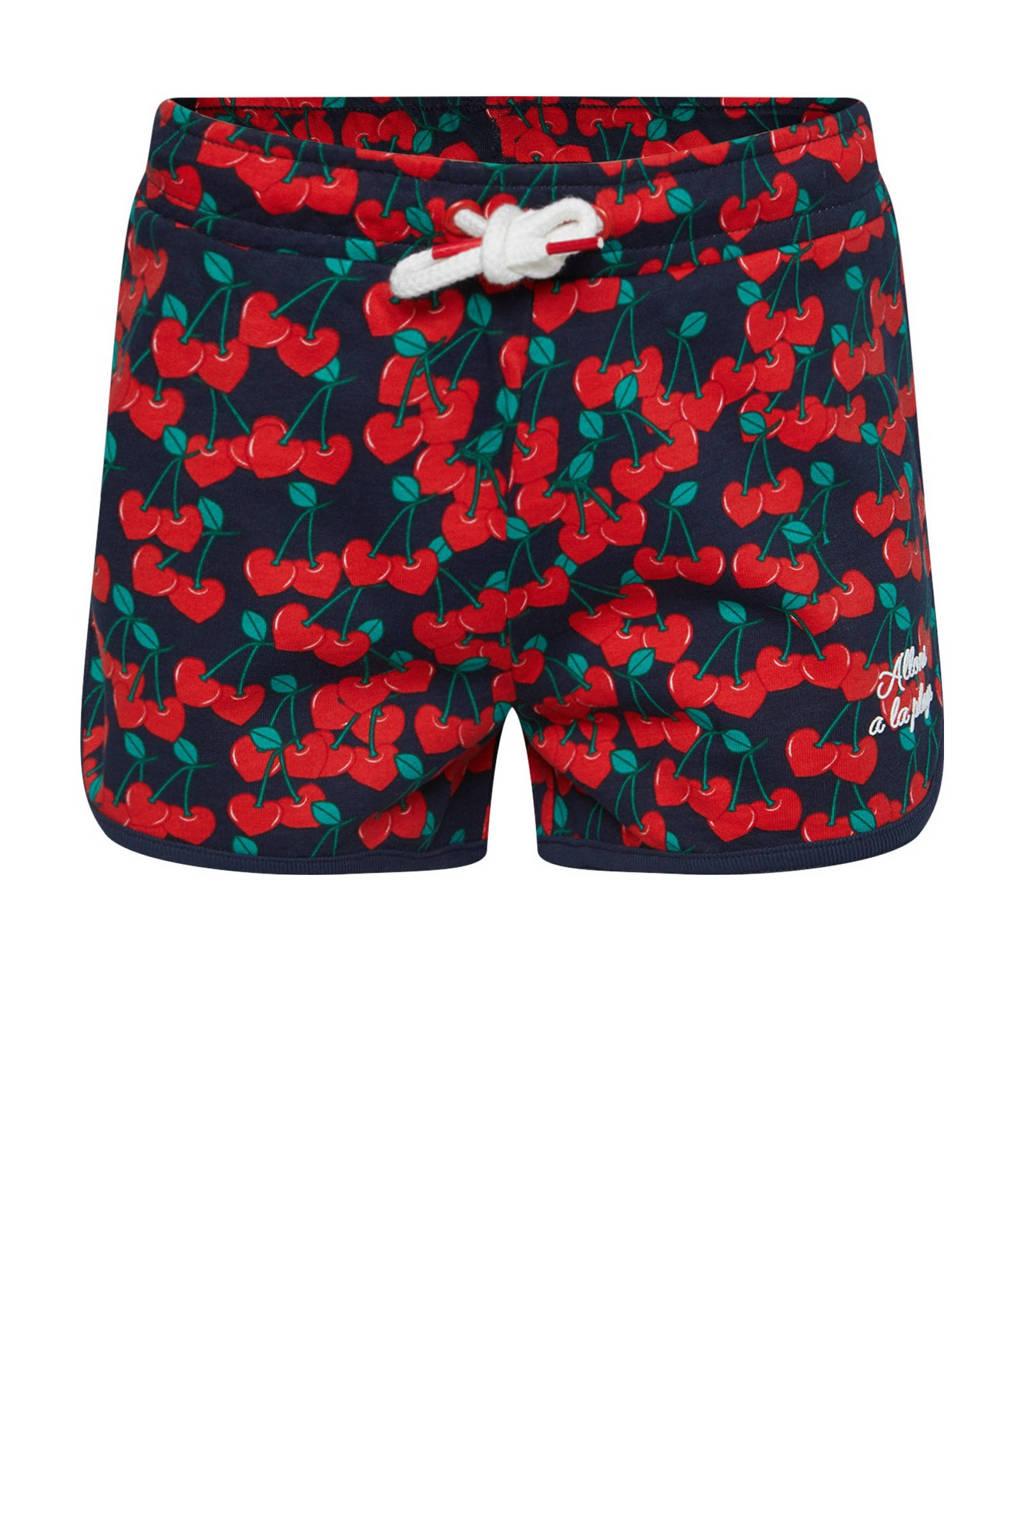 WE Fashion slim fit sweatshort met all over print en borduursels donkerblauw/rood, Donkerblauw/rood